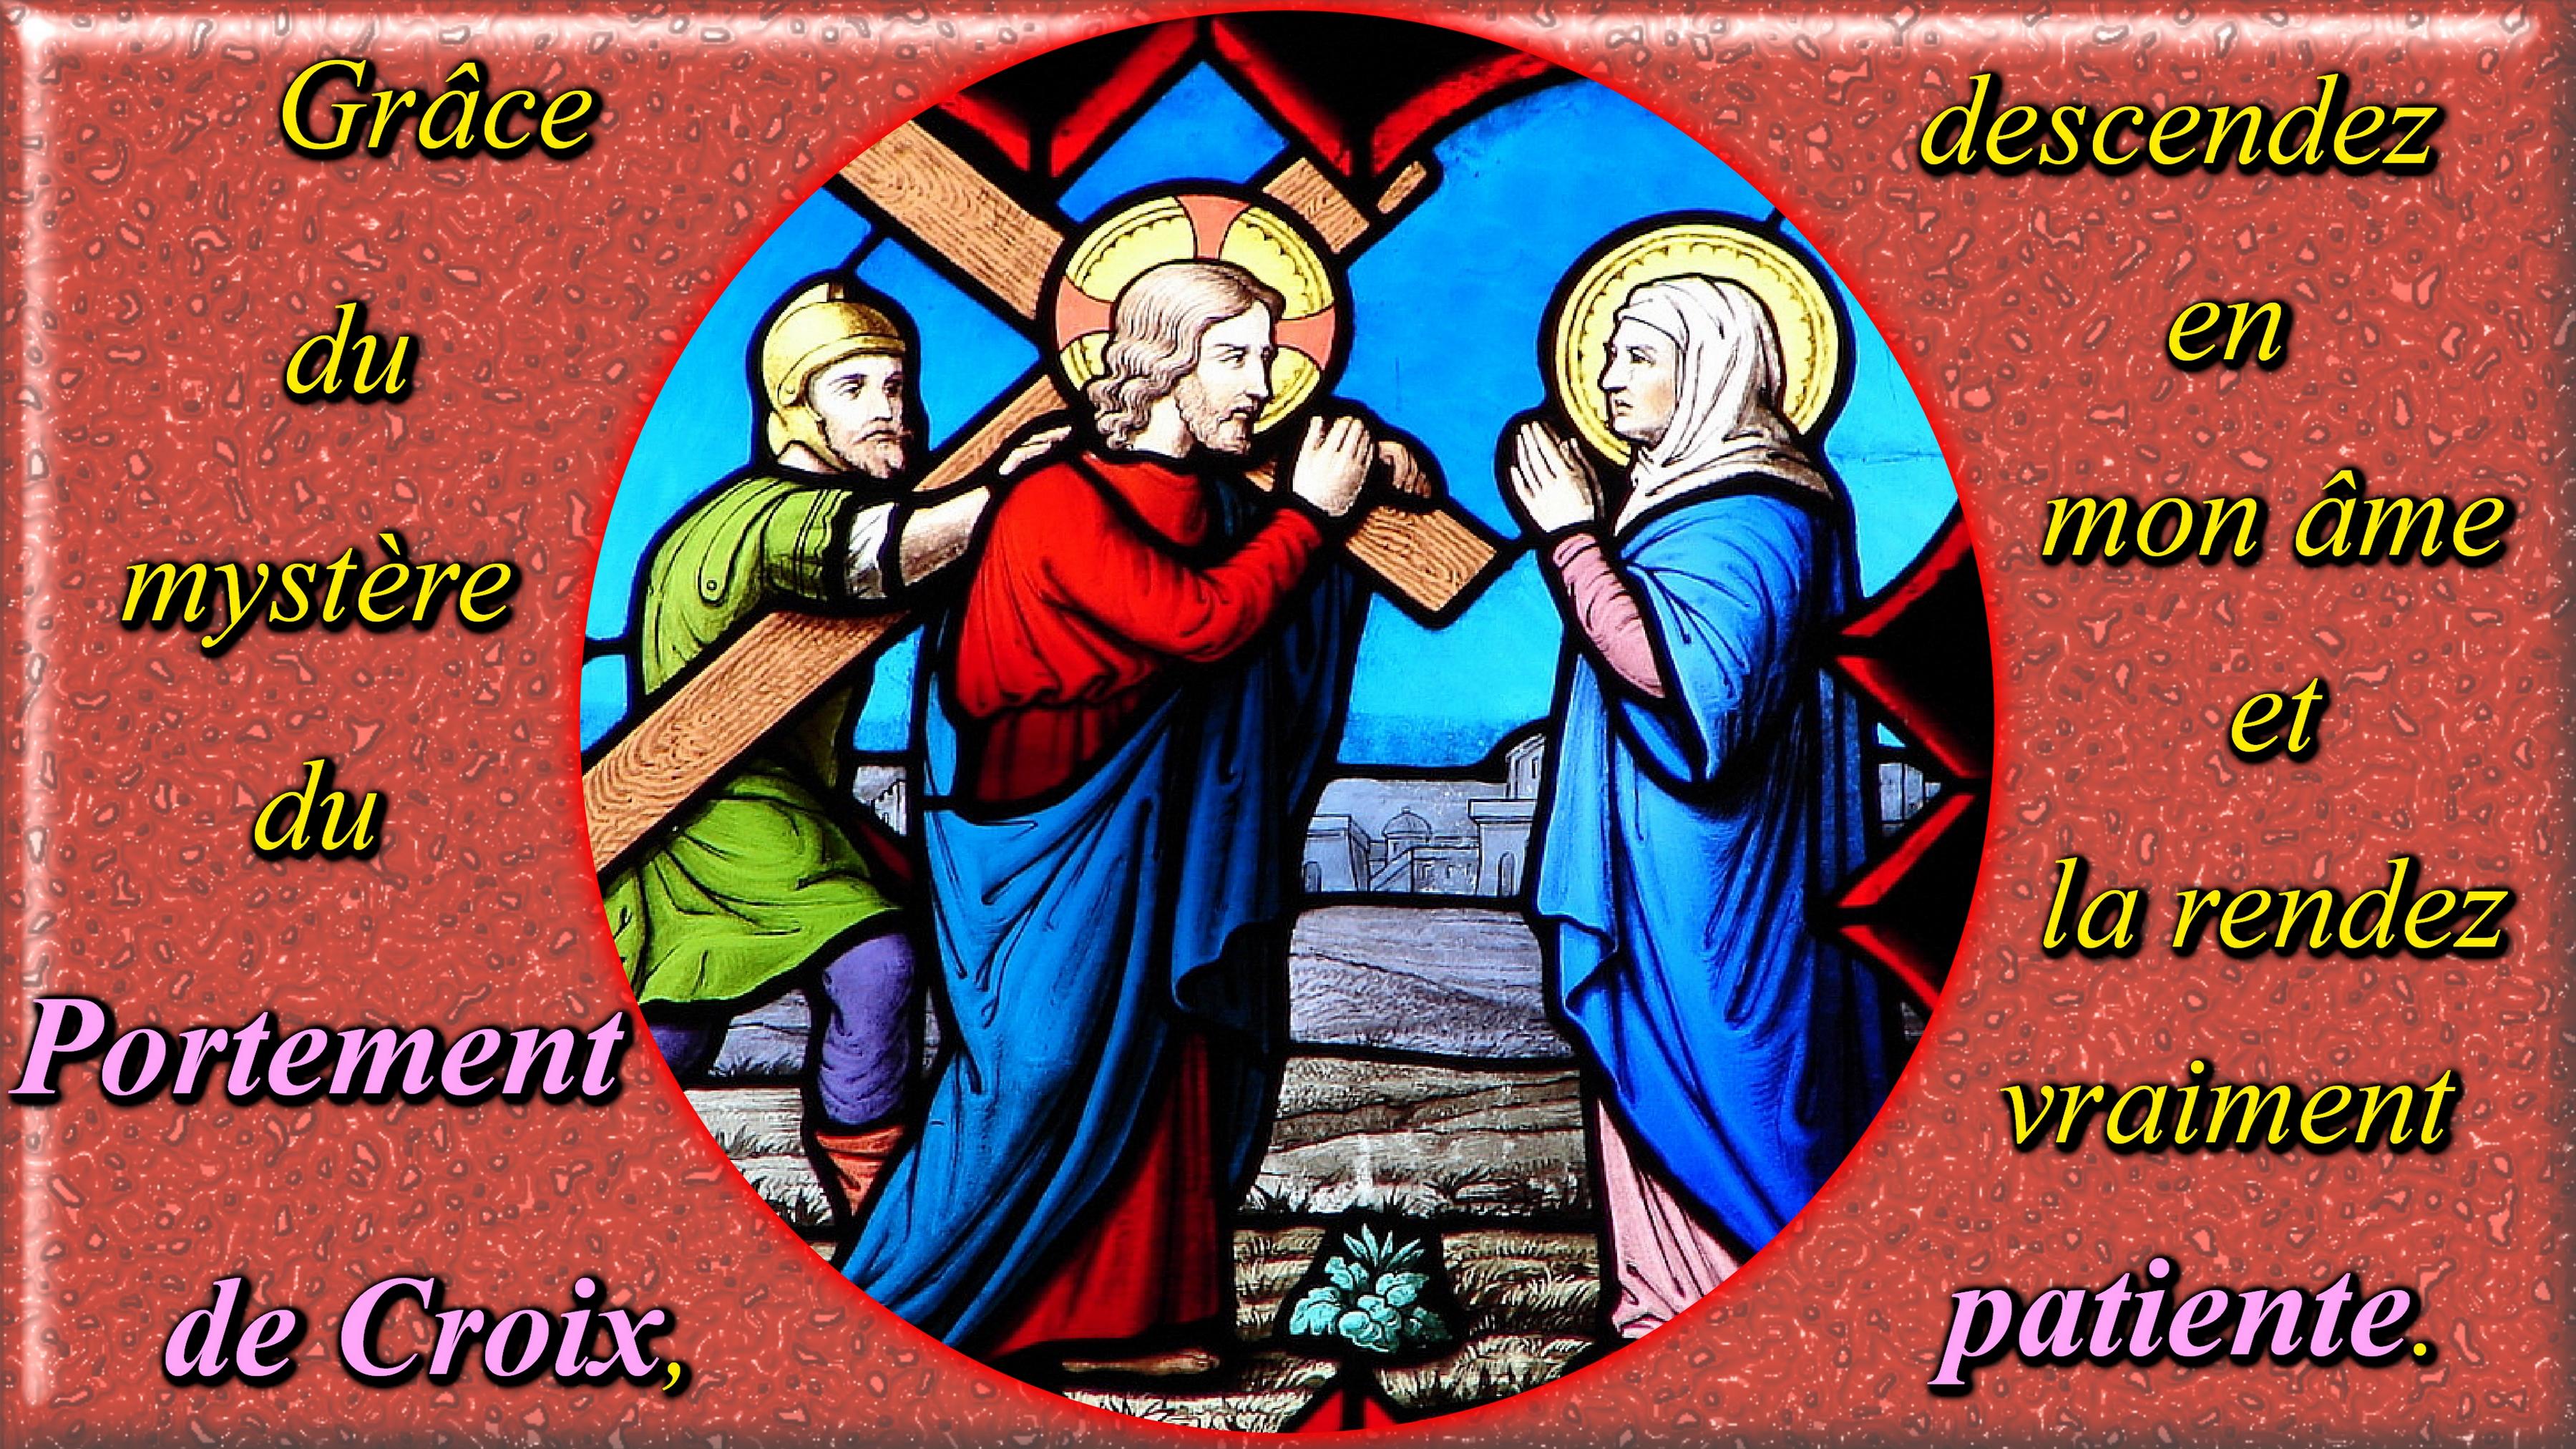 Le Rosaire en Images Les-15-myst-res-d...de-croix-555db49